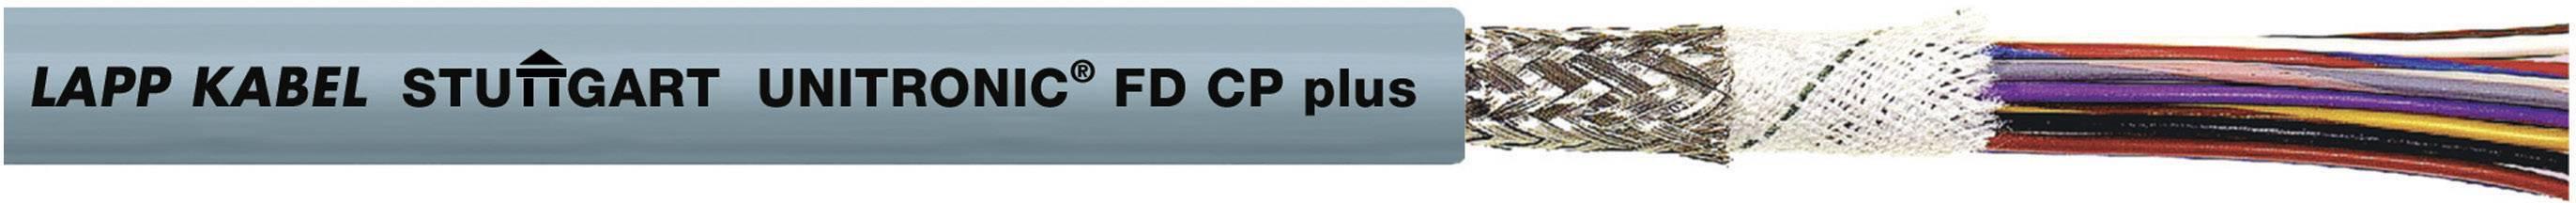 Datový kabel LappKabel UNITRONIC FD CP plus 2X0,34 (0028898), 2x 0,34 mm², Ø 5,6 mm, stíněný, 1 m, šedá